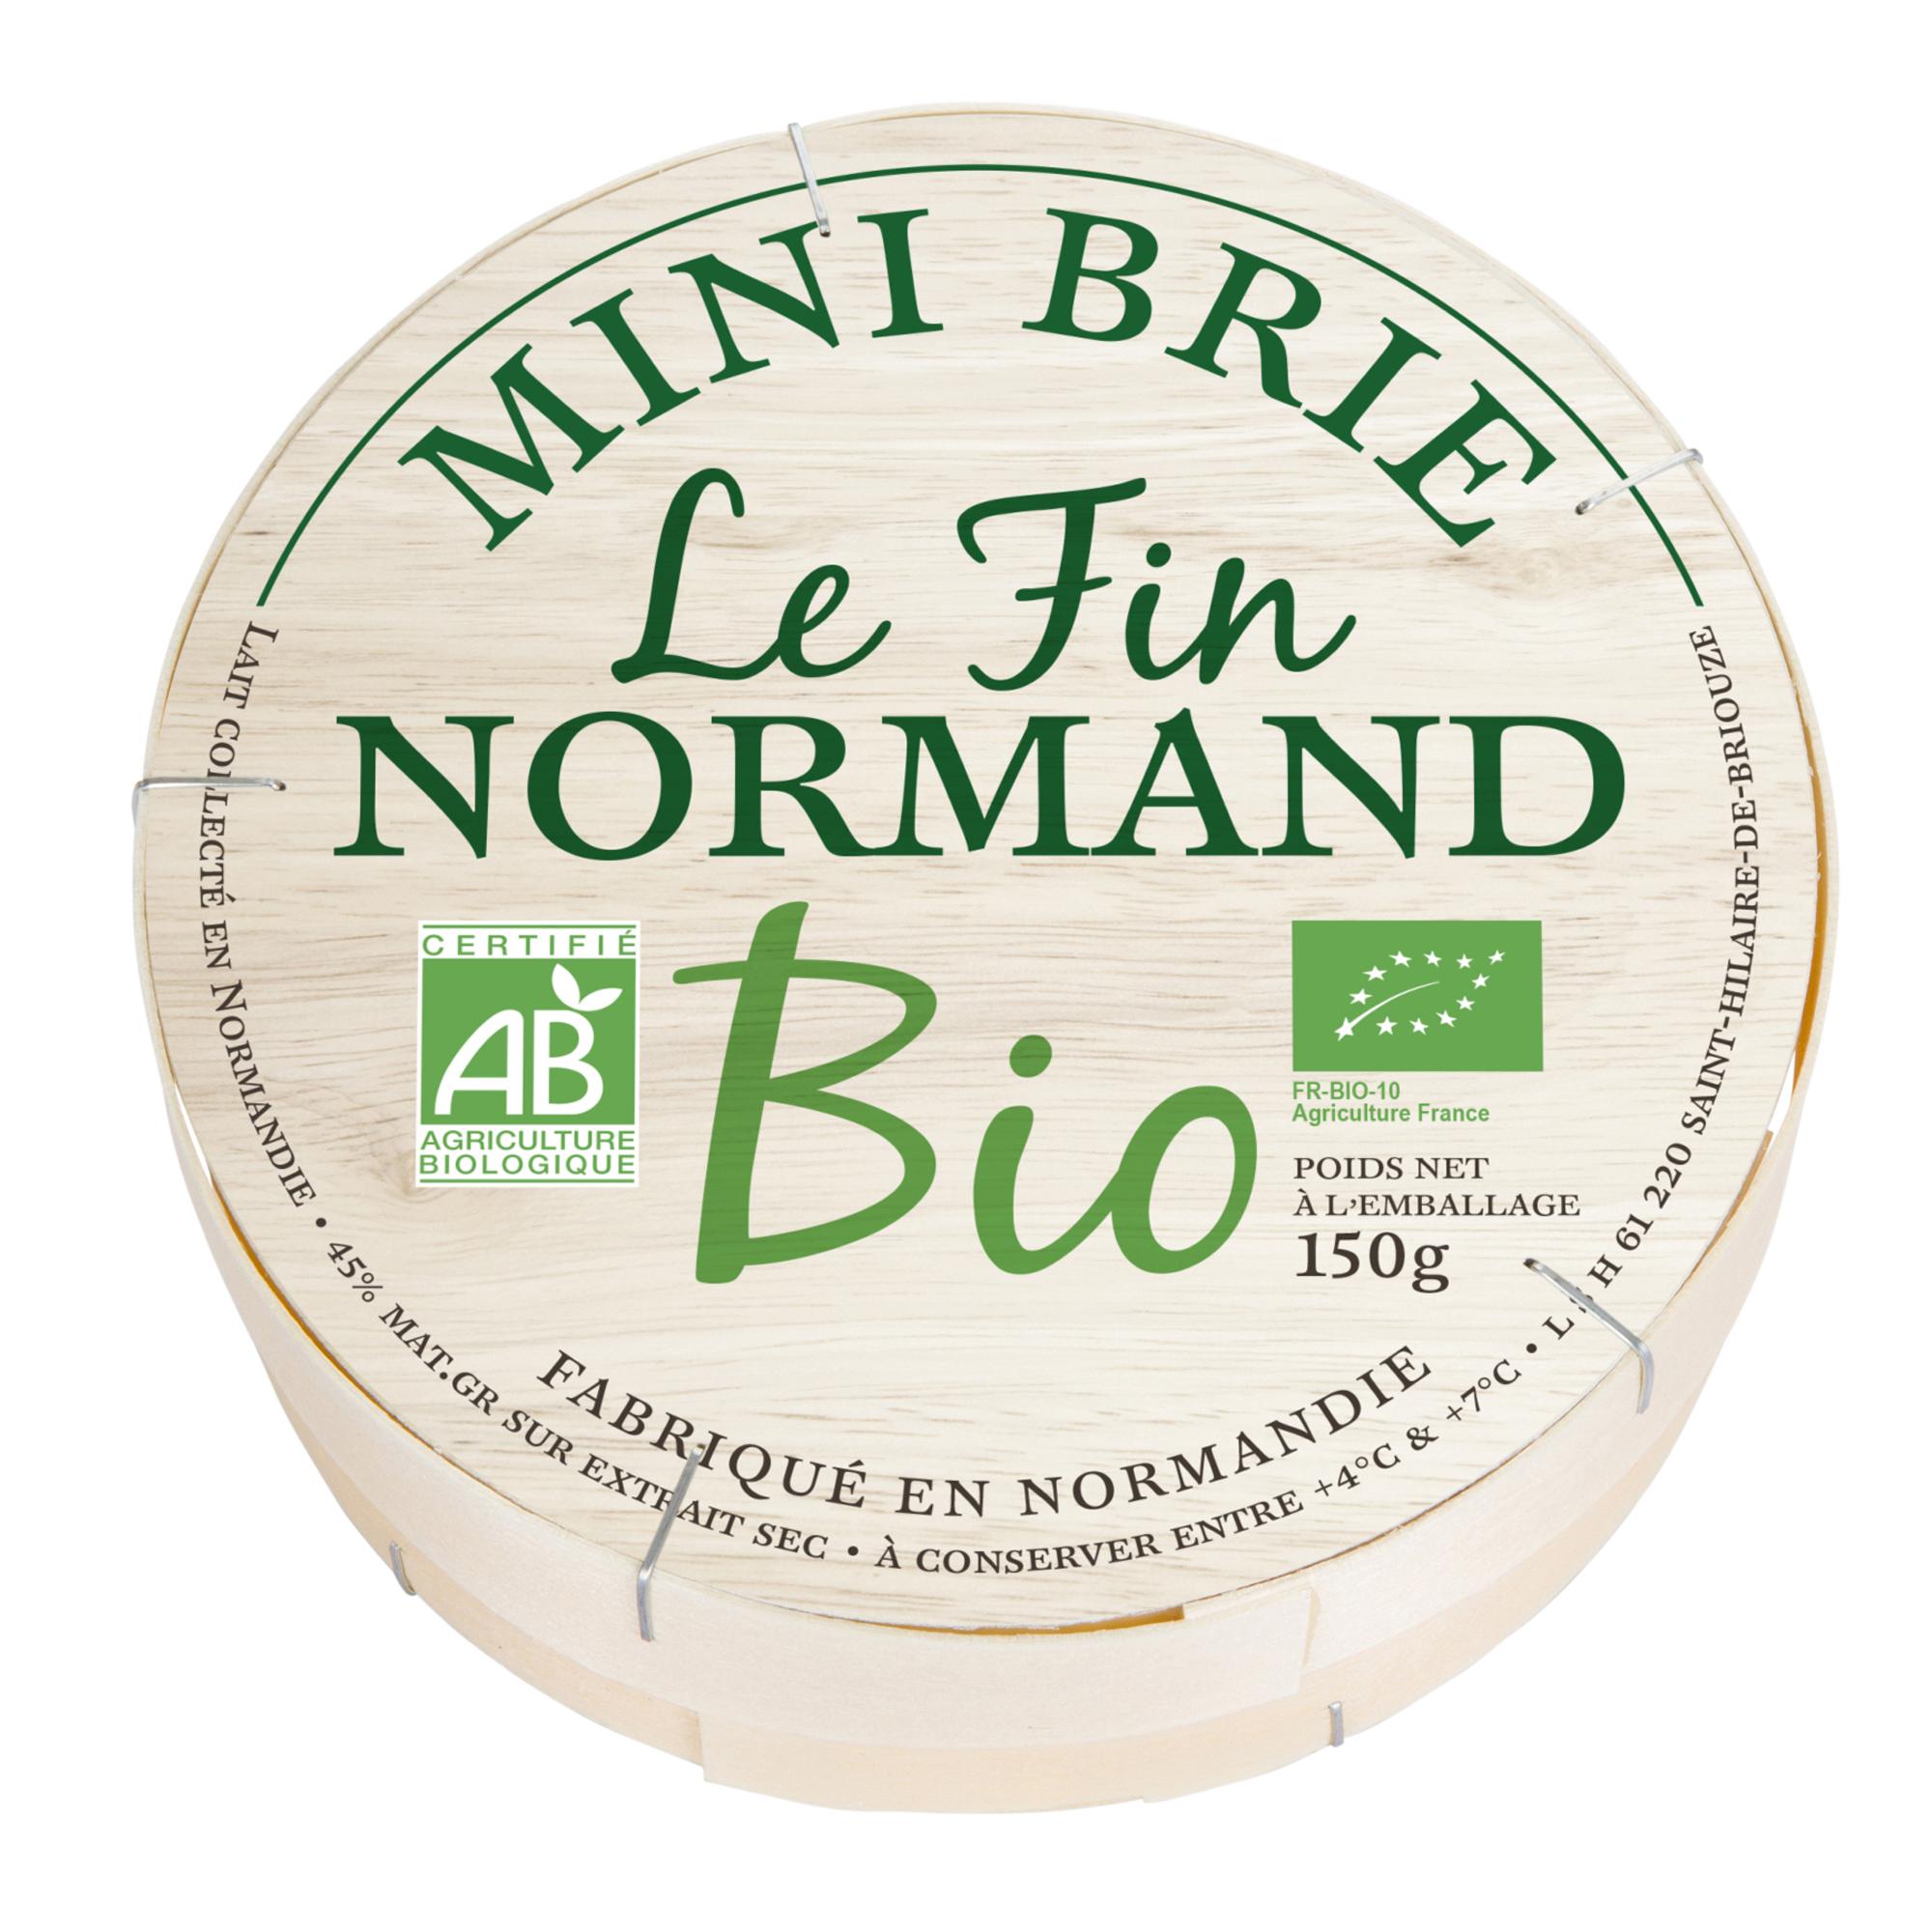 Bio Mini Brie Le Fin Normand 150g